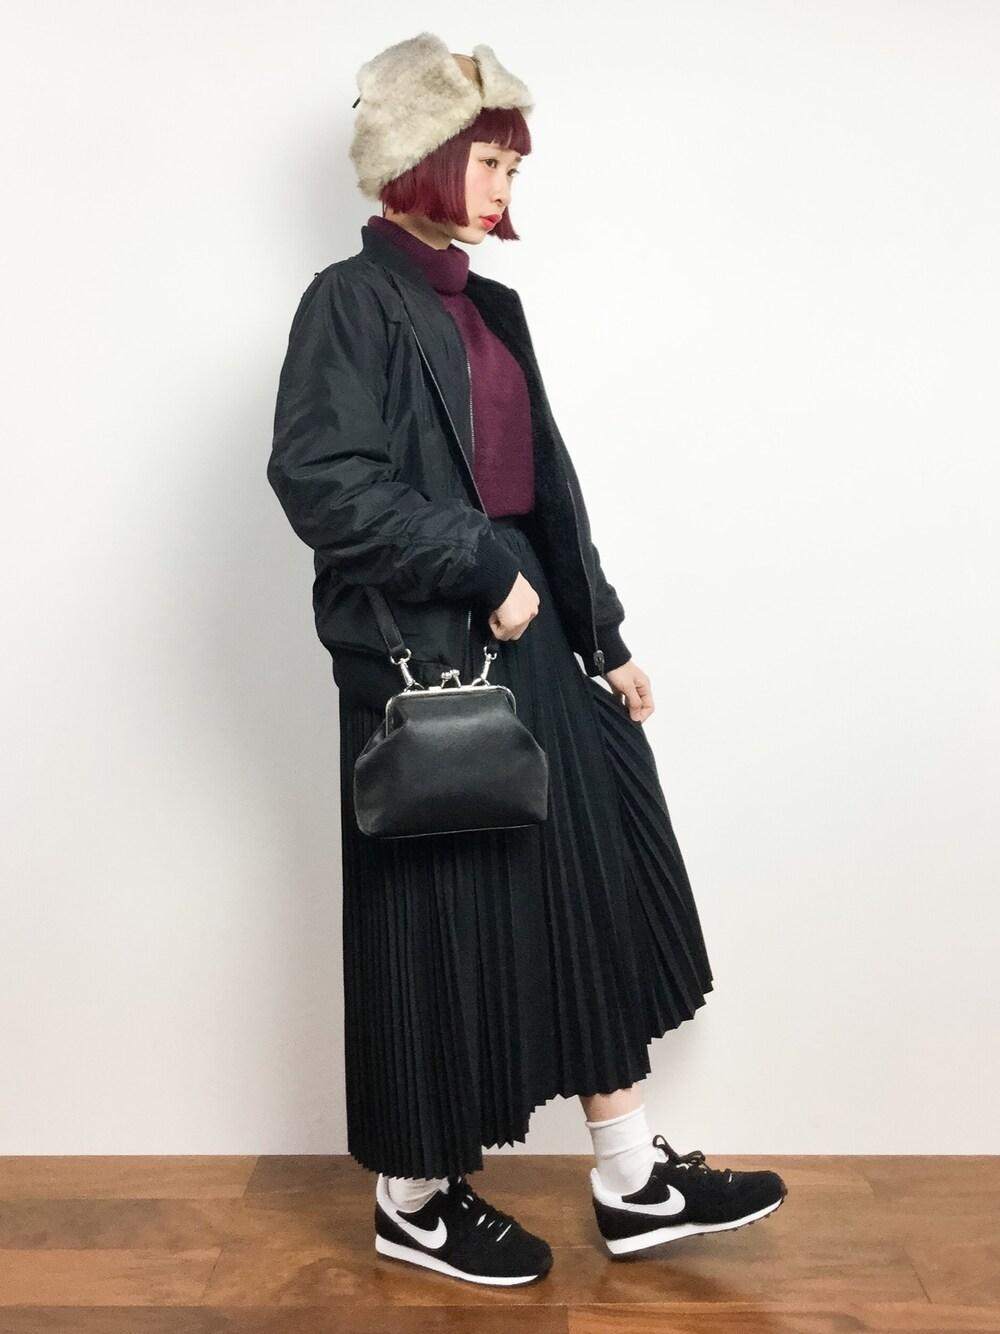 ナイキシューズ×プリーツスカート